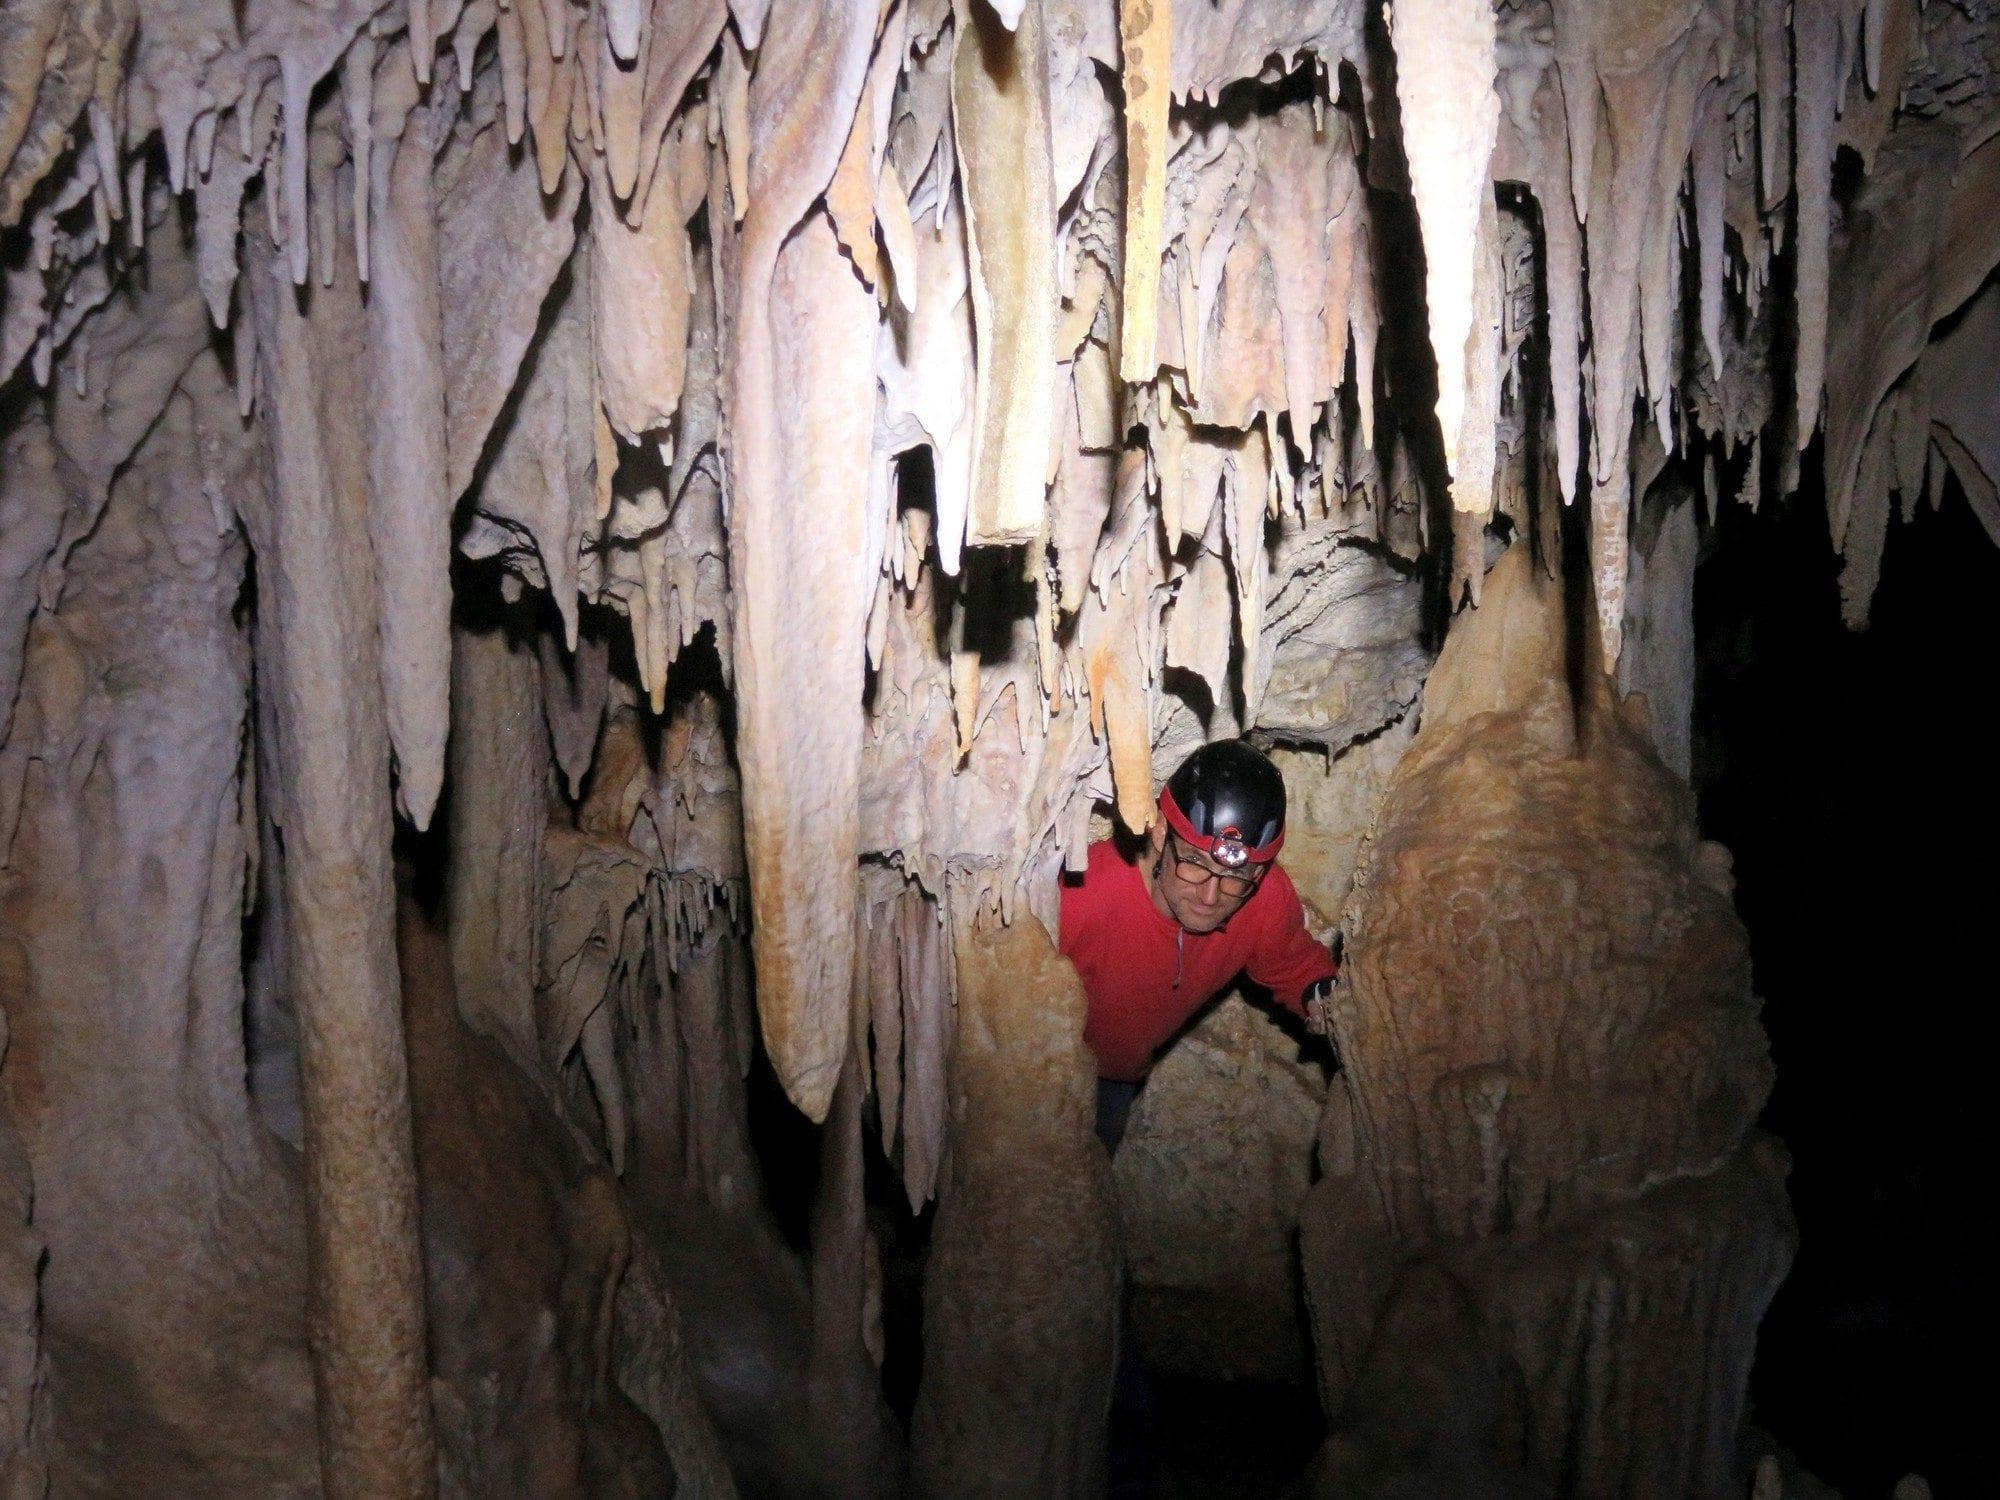 טיול סנפלינג אקסטרים למערה עם ערוצים בטבע